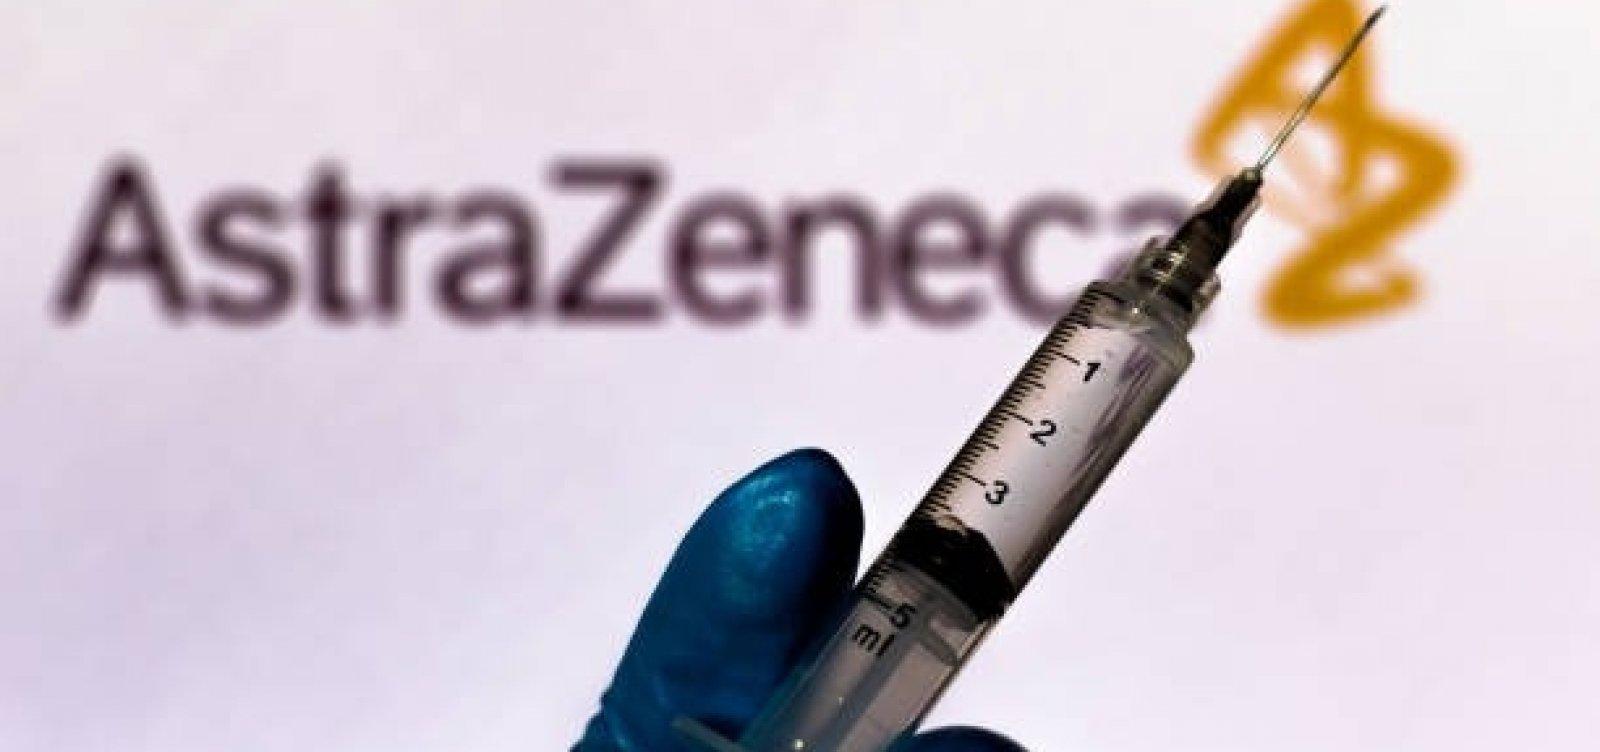 Covid-19: Saúde recebe mais 2,7 milhões de doses de AstraZeneca